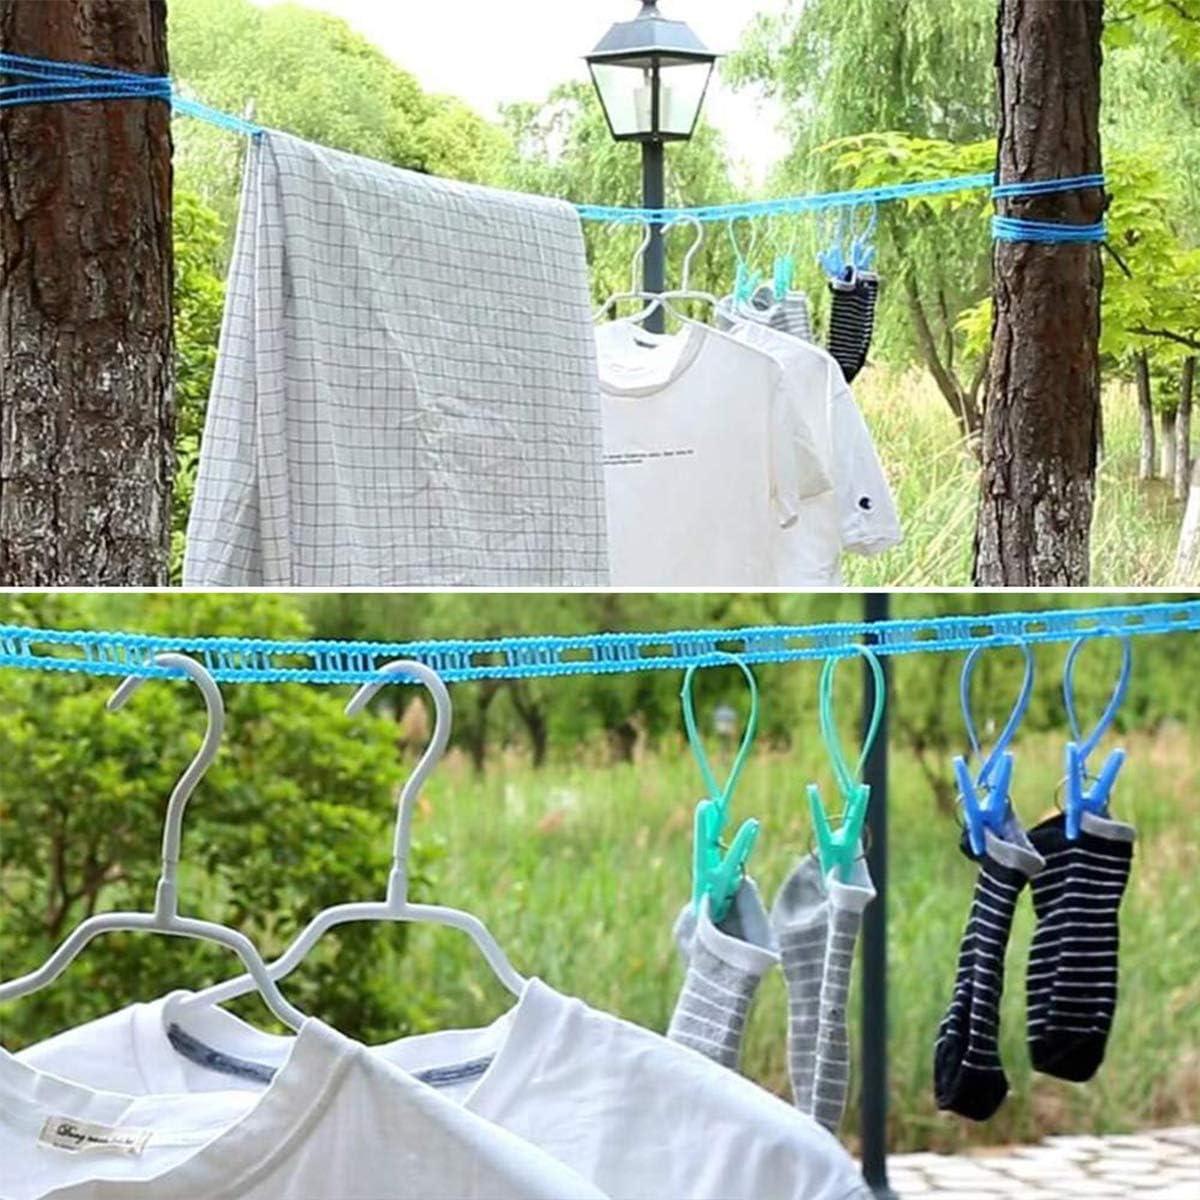 Tendedero resistente al viento azul 2 piezas de pl/ástico antideslizante cuerda de secado